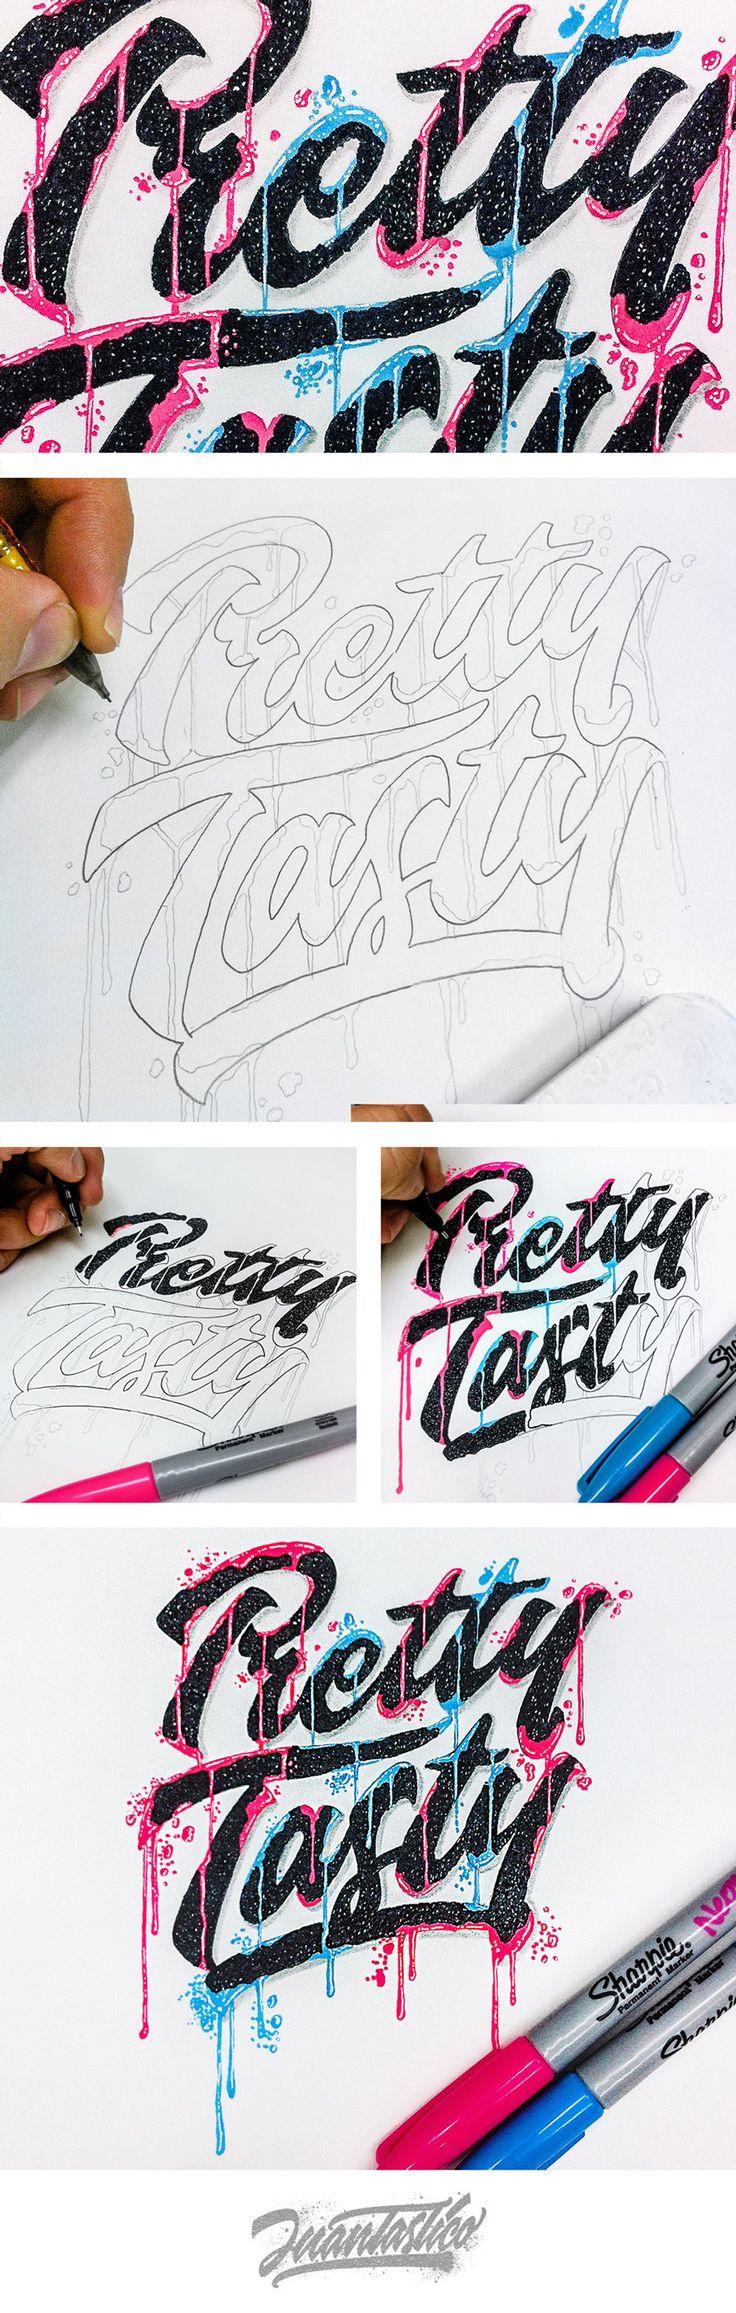 LETTERING DESIGN INSPIRATION... Typography Illustrations #ElJuantastico